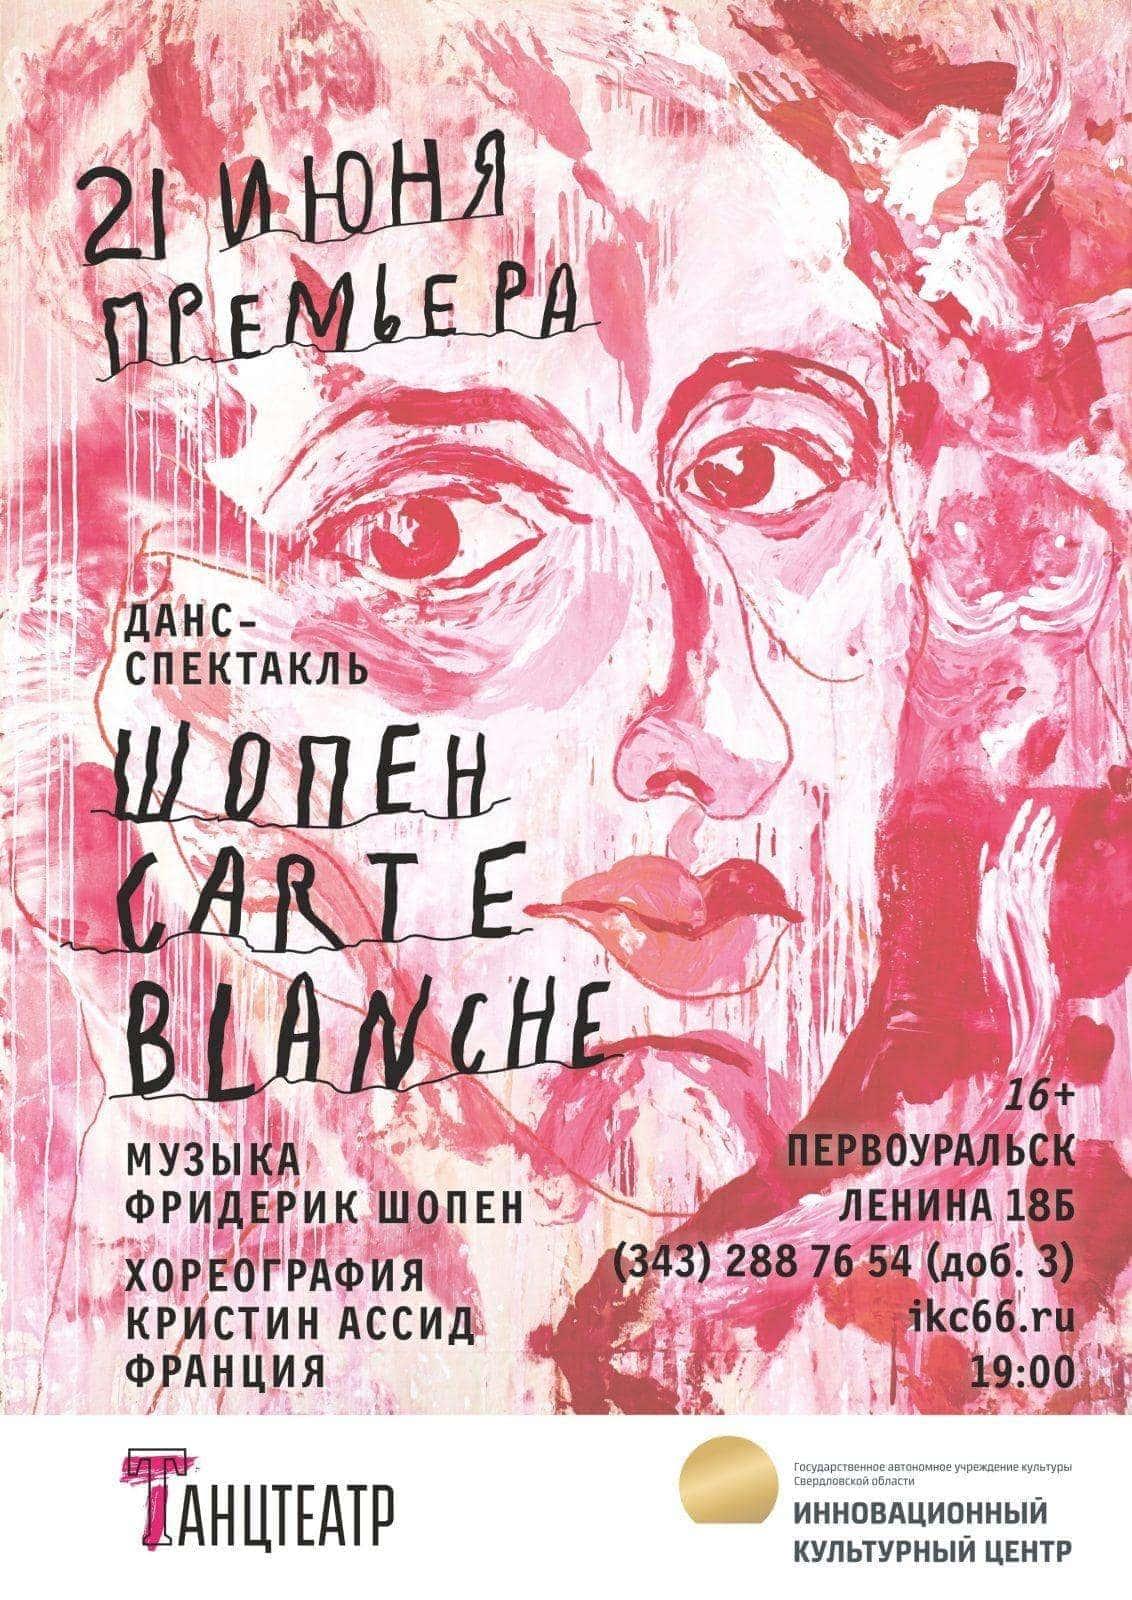 Французский хореограф Кристин Ассид выпустила в Екатеринбурге мировую премьеру